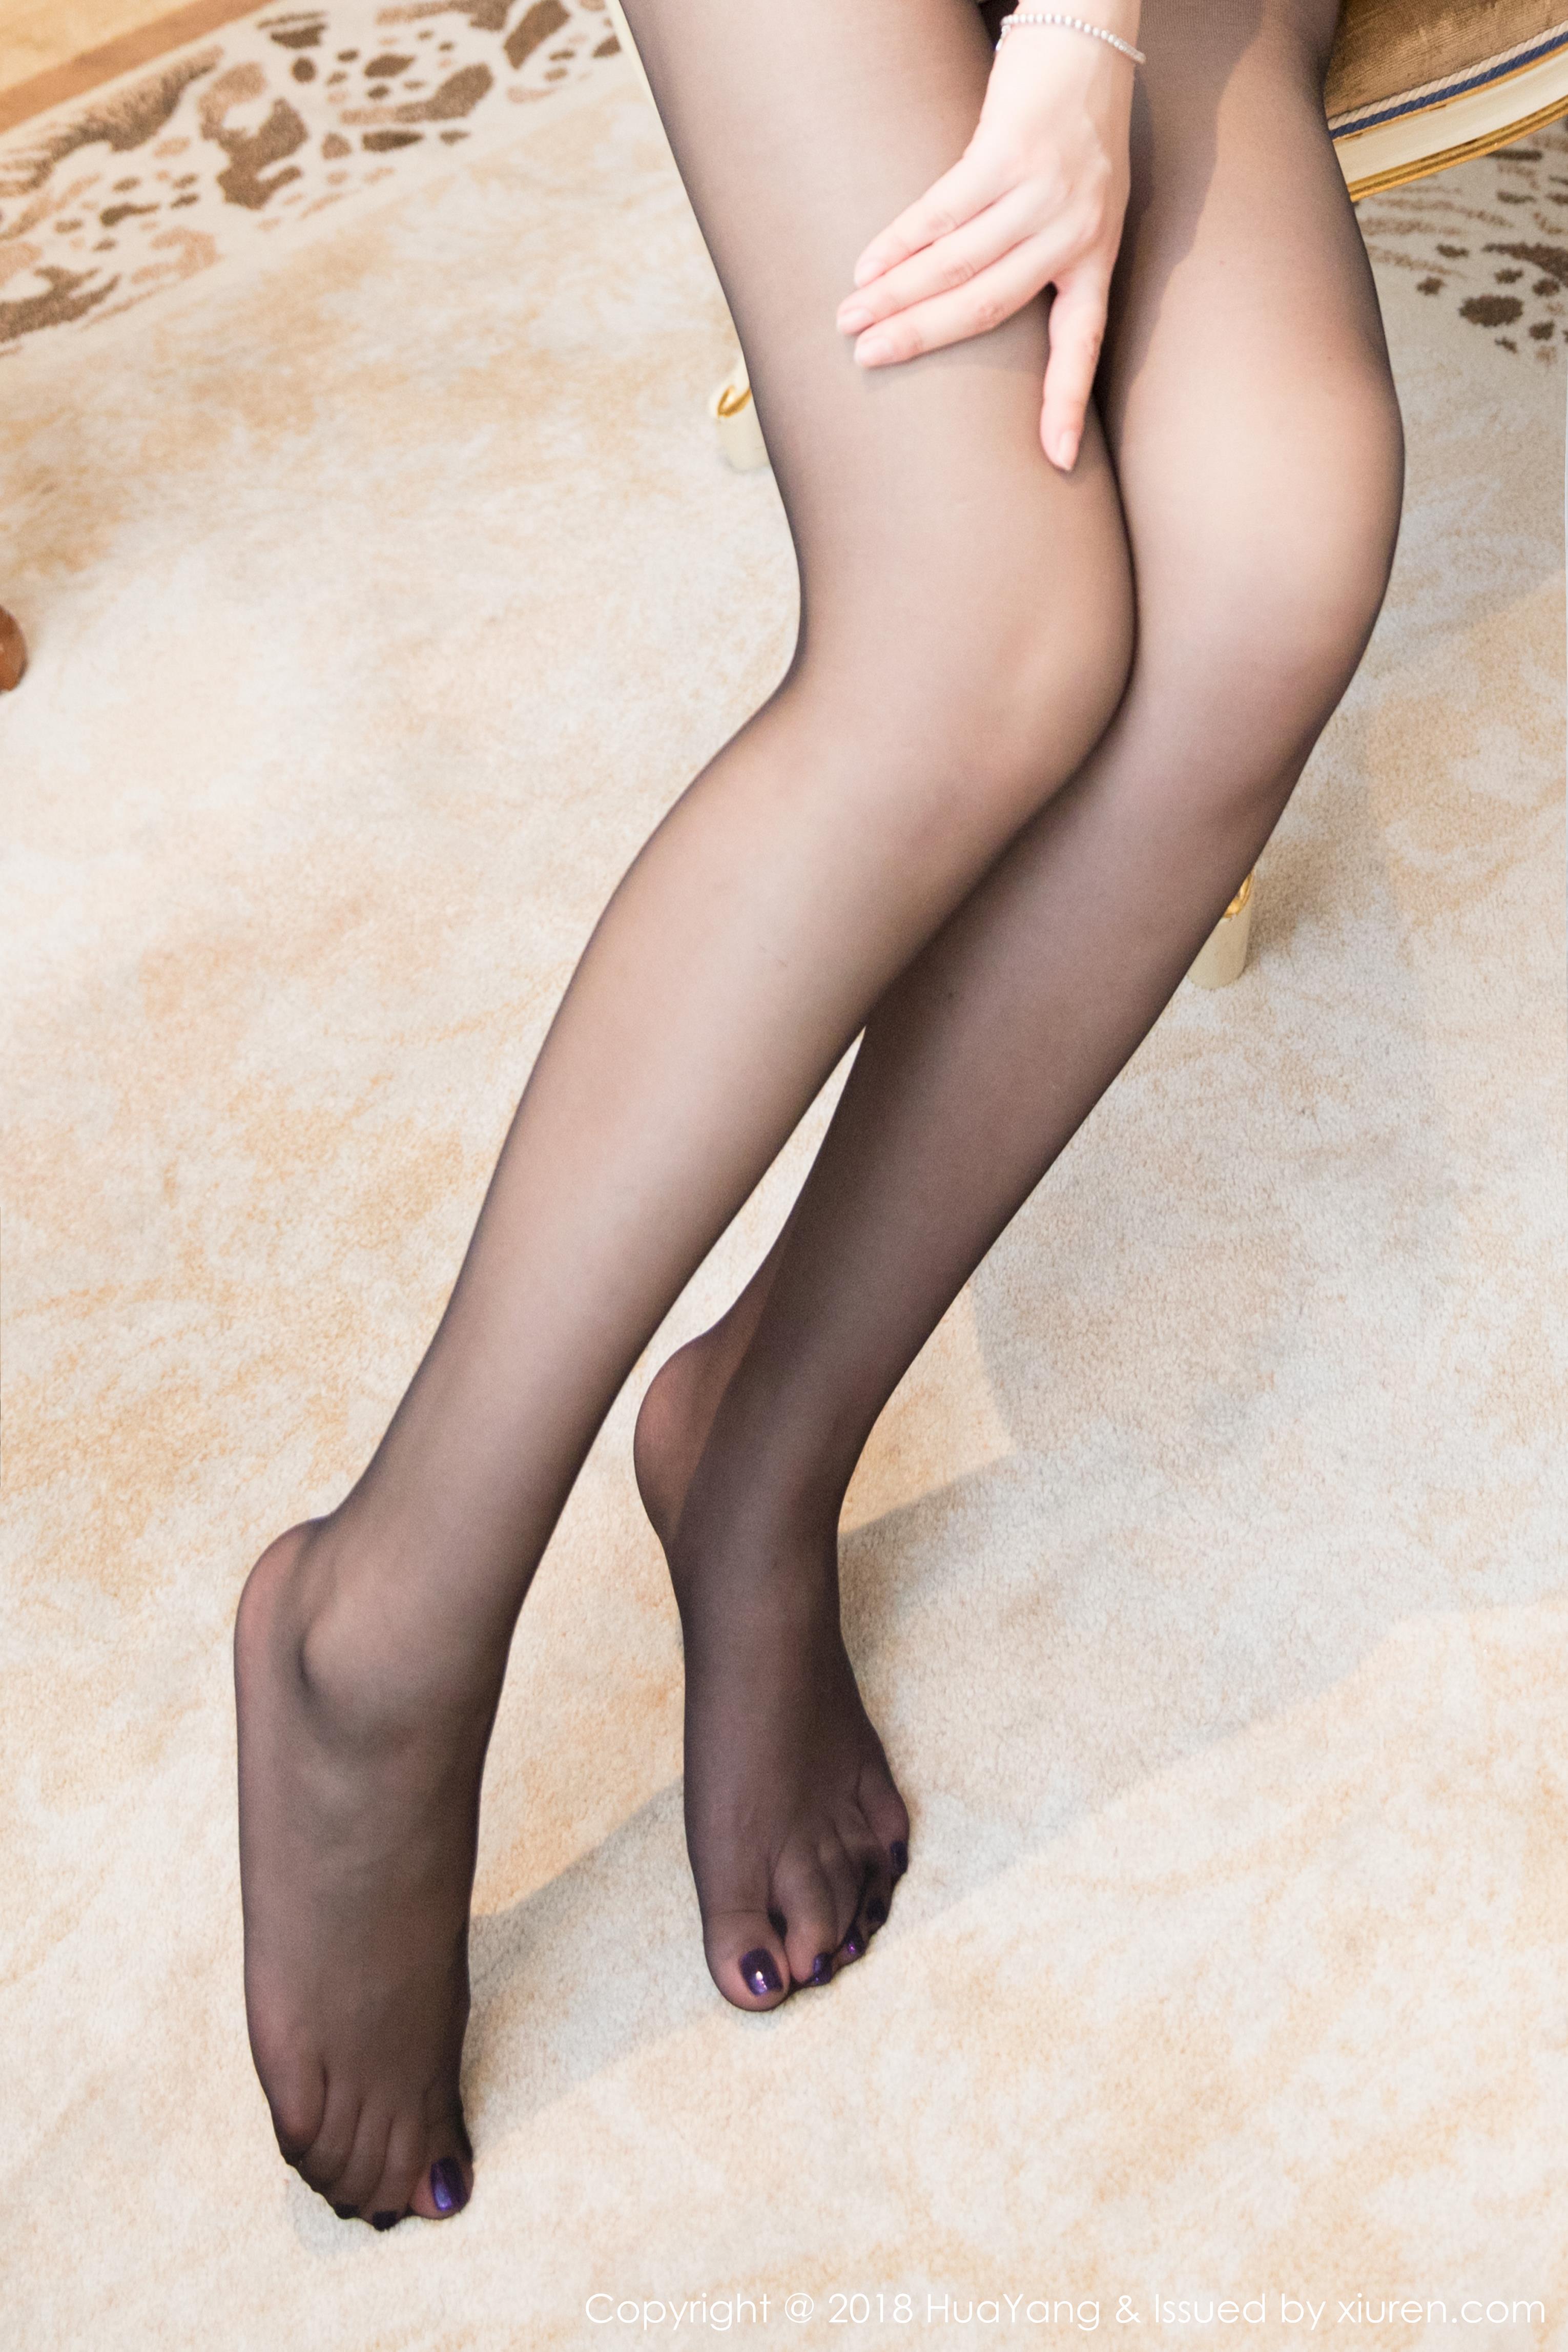 [HuaYang花漾show]HYG20180810VOL0069 心妍小公主 粉色连体运动内衣加黑色丝袜美腿性感私房写真集